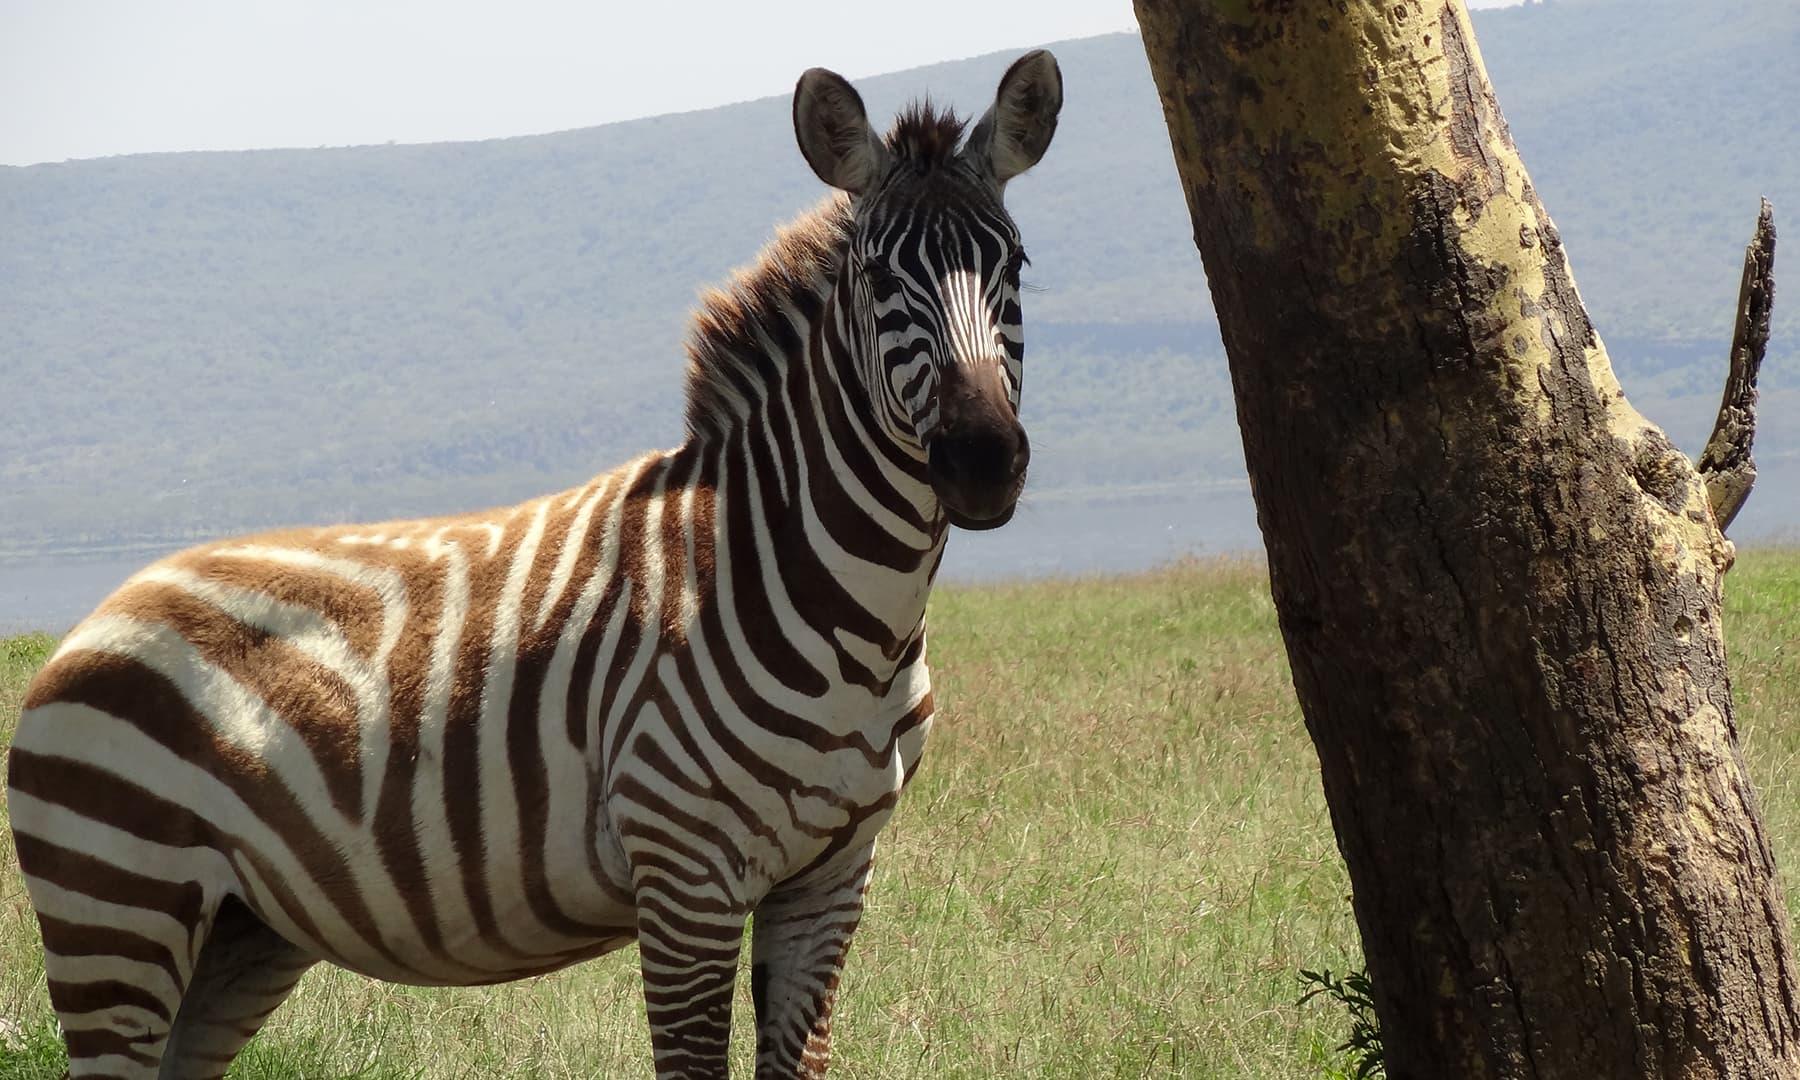 نیروبی کے نیشنل سفاری پارک میں خوبصورت زیبرا— فوٹو عظمت اکبر